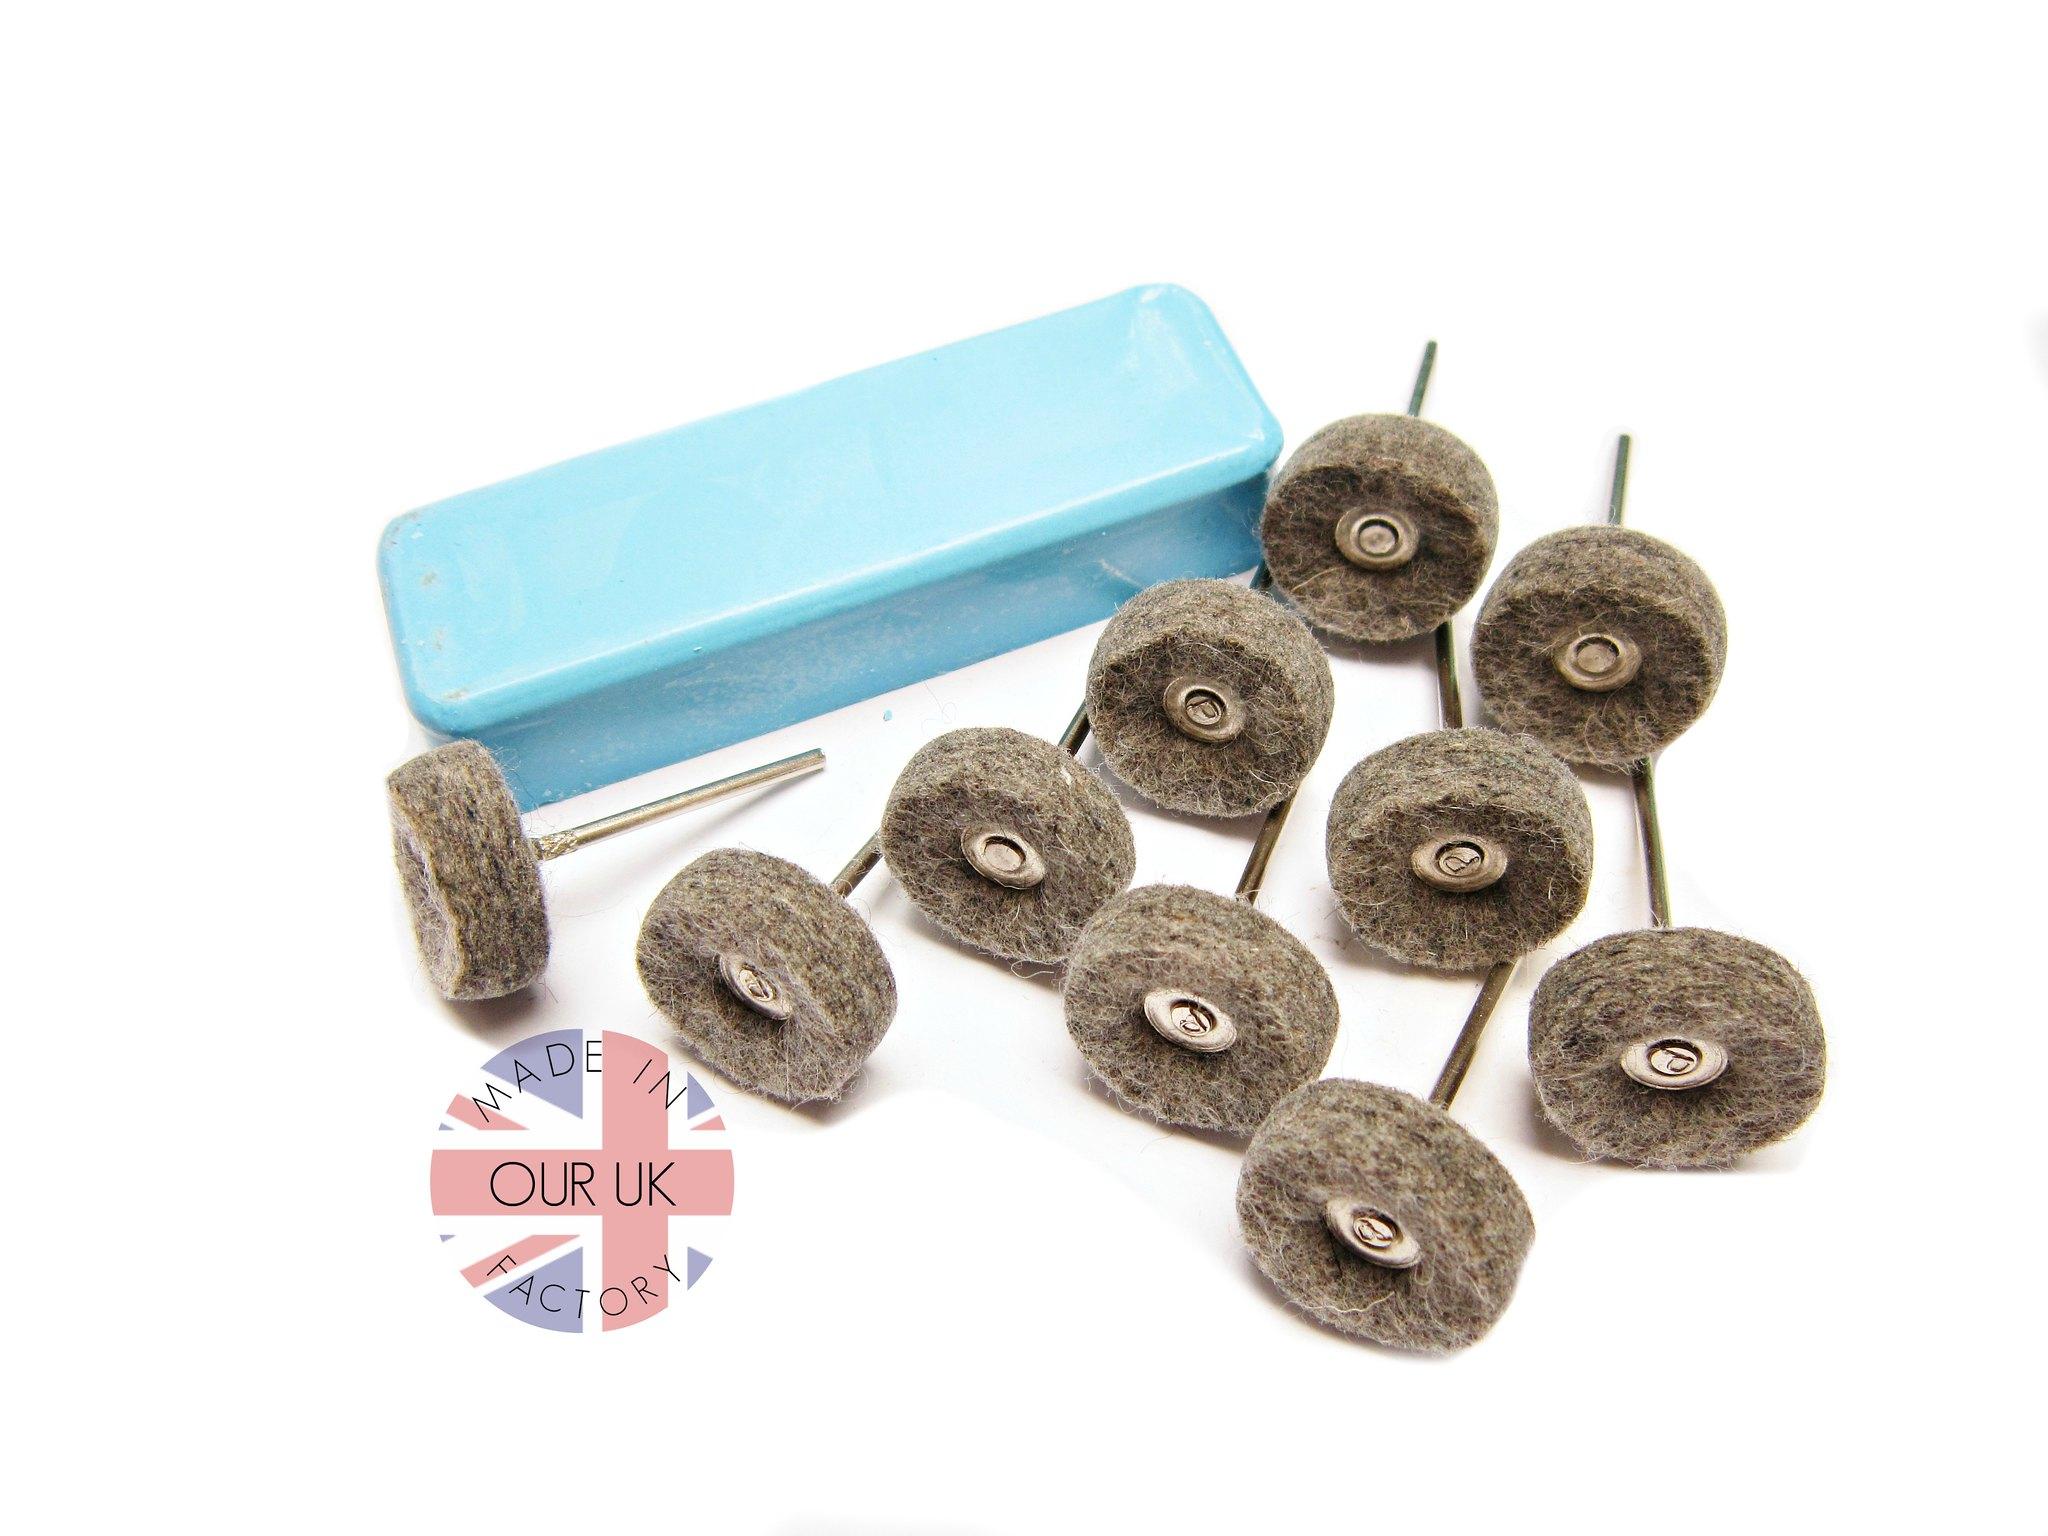 M tal kit de polissage bf feutre roues p te polir for Polissage aluminium miroir